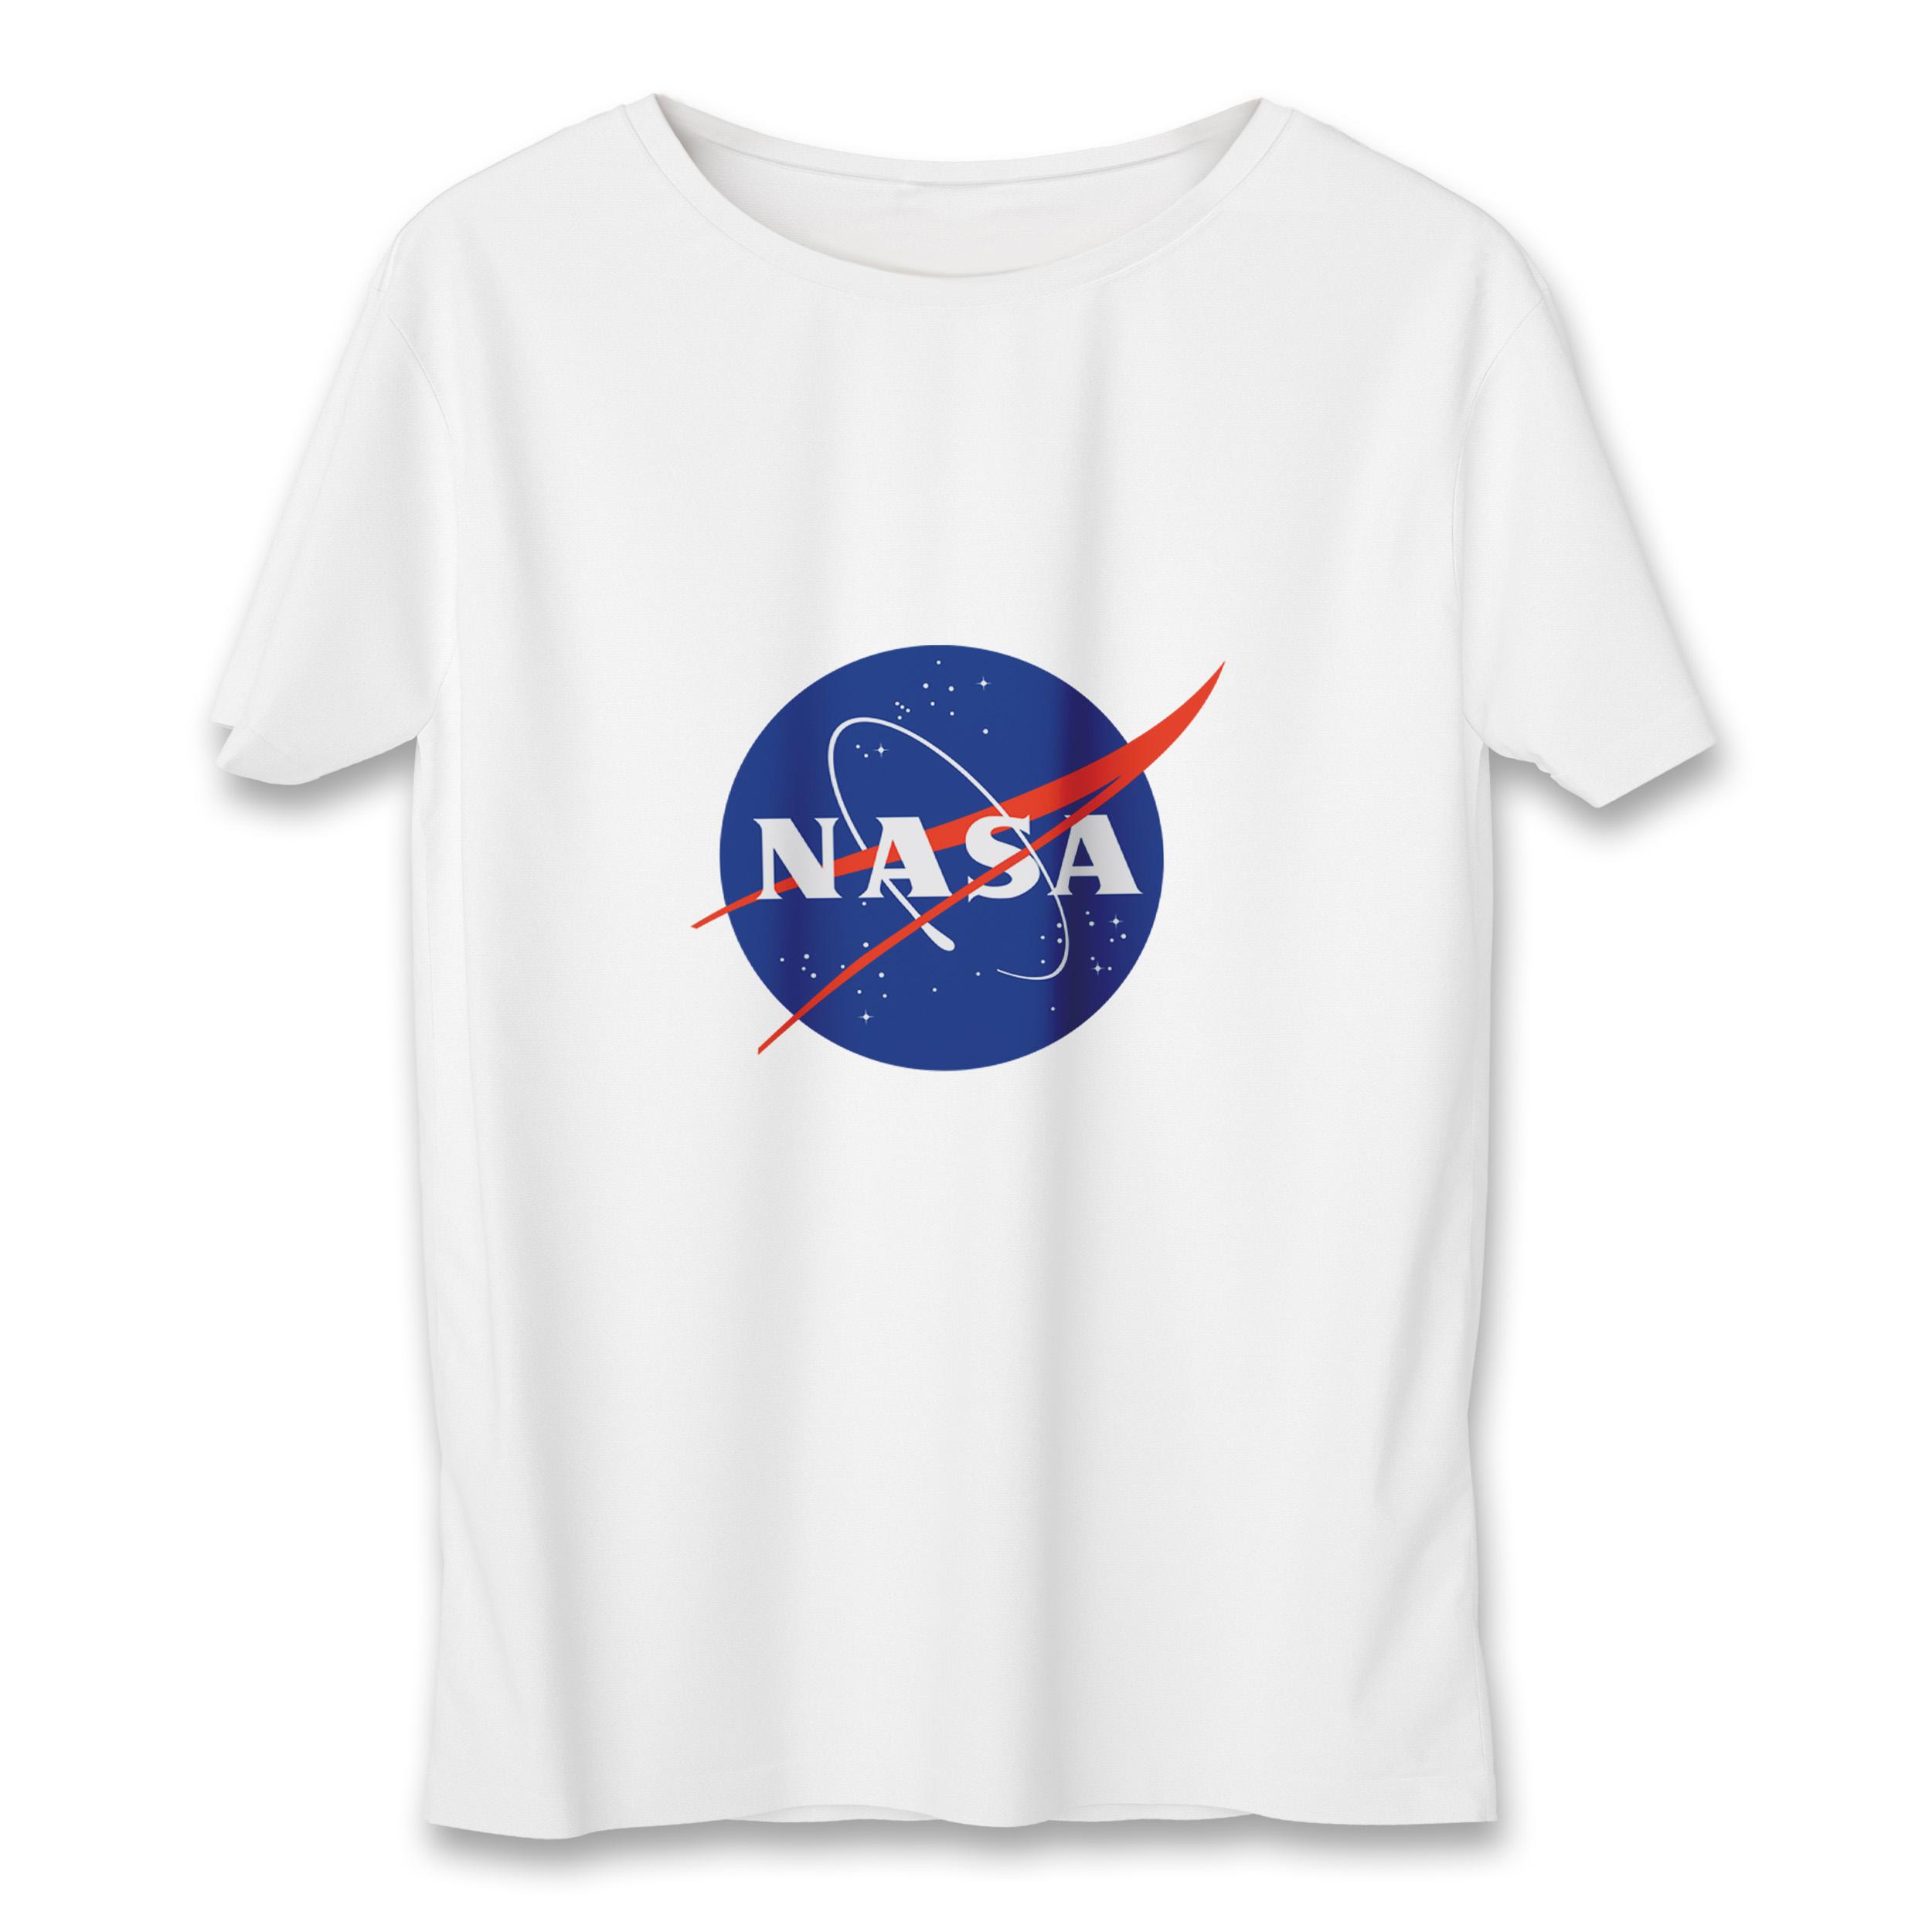 عکس تی شرت مردانه به رسم طرح ناسا کد385